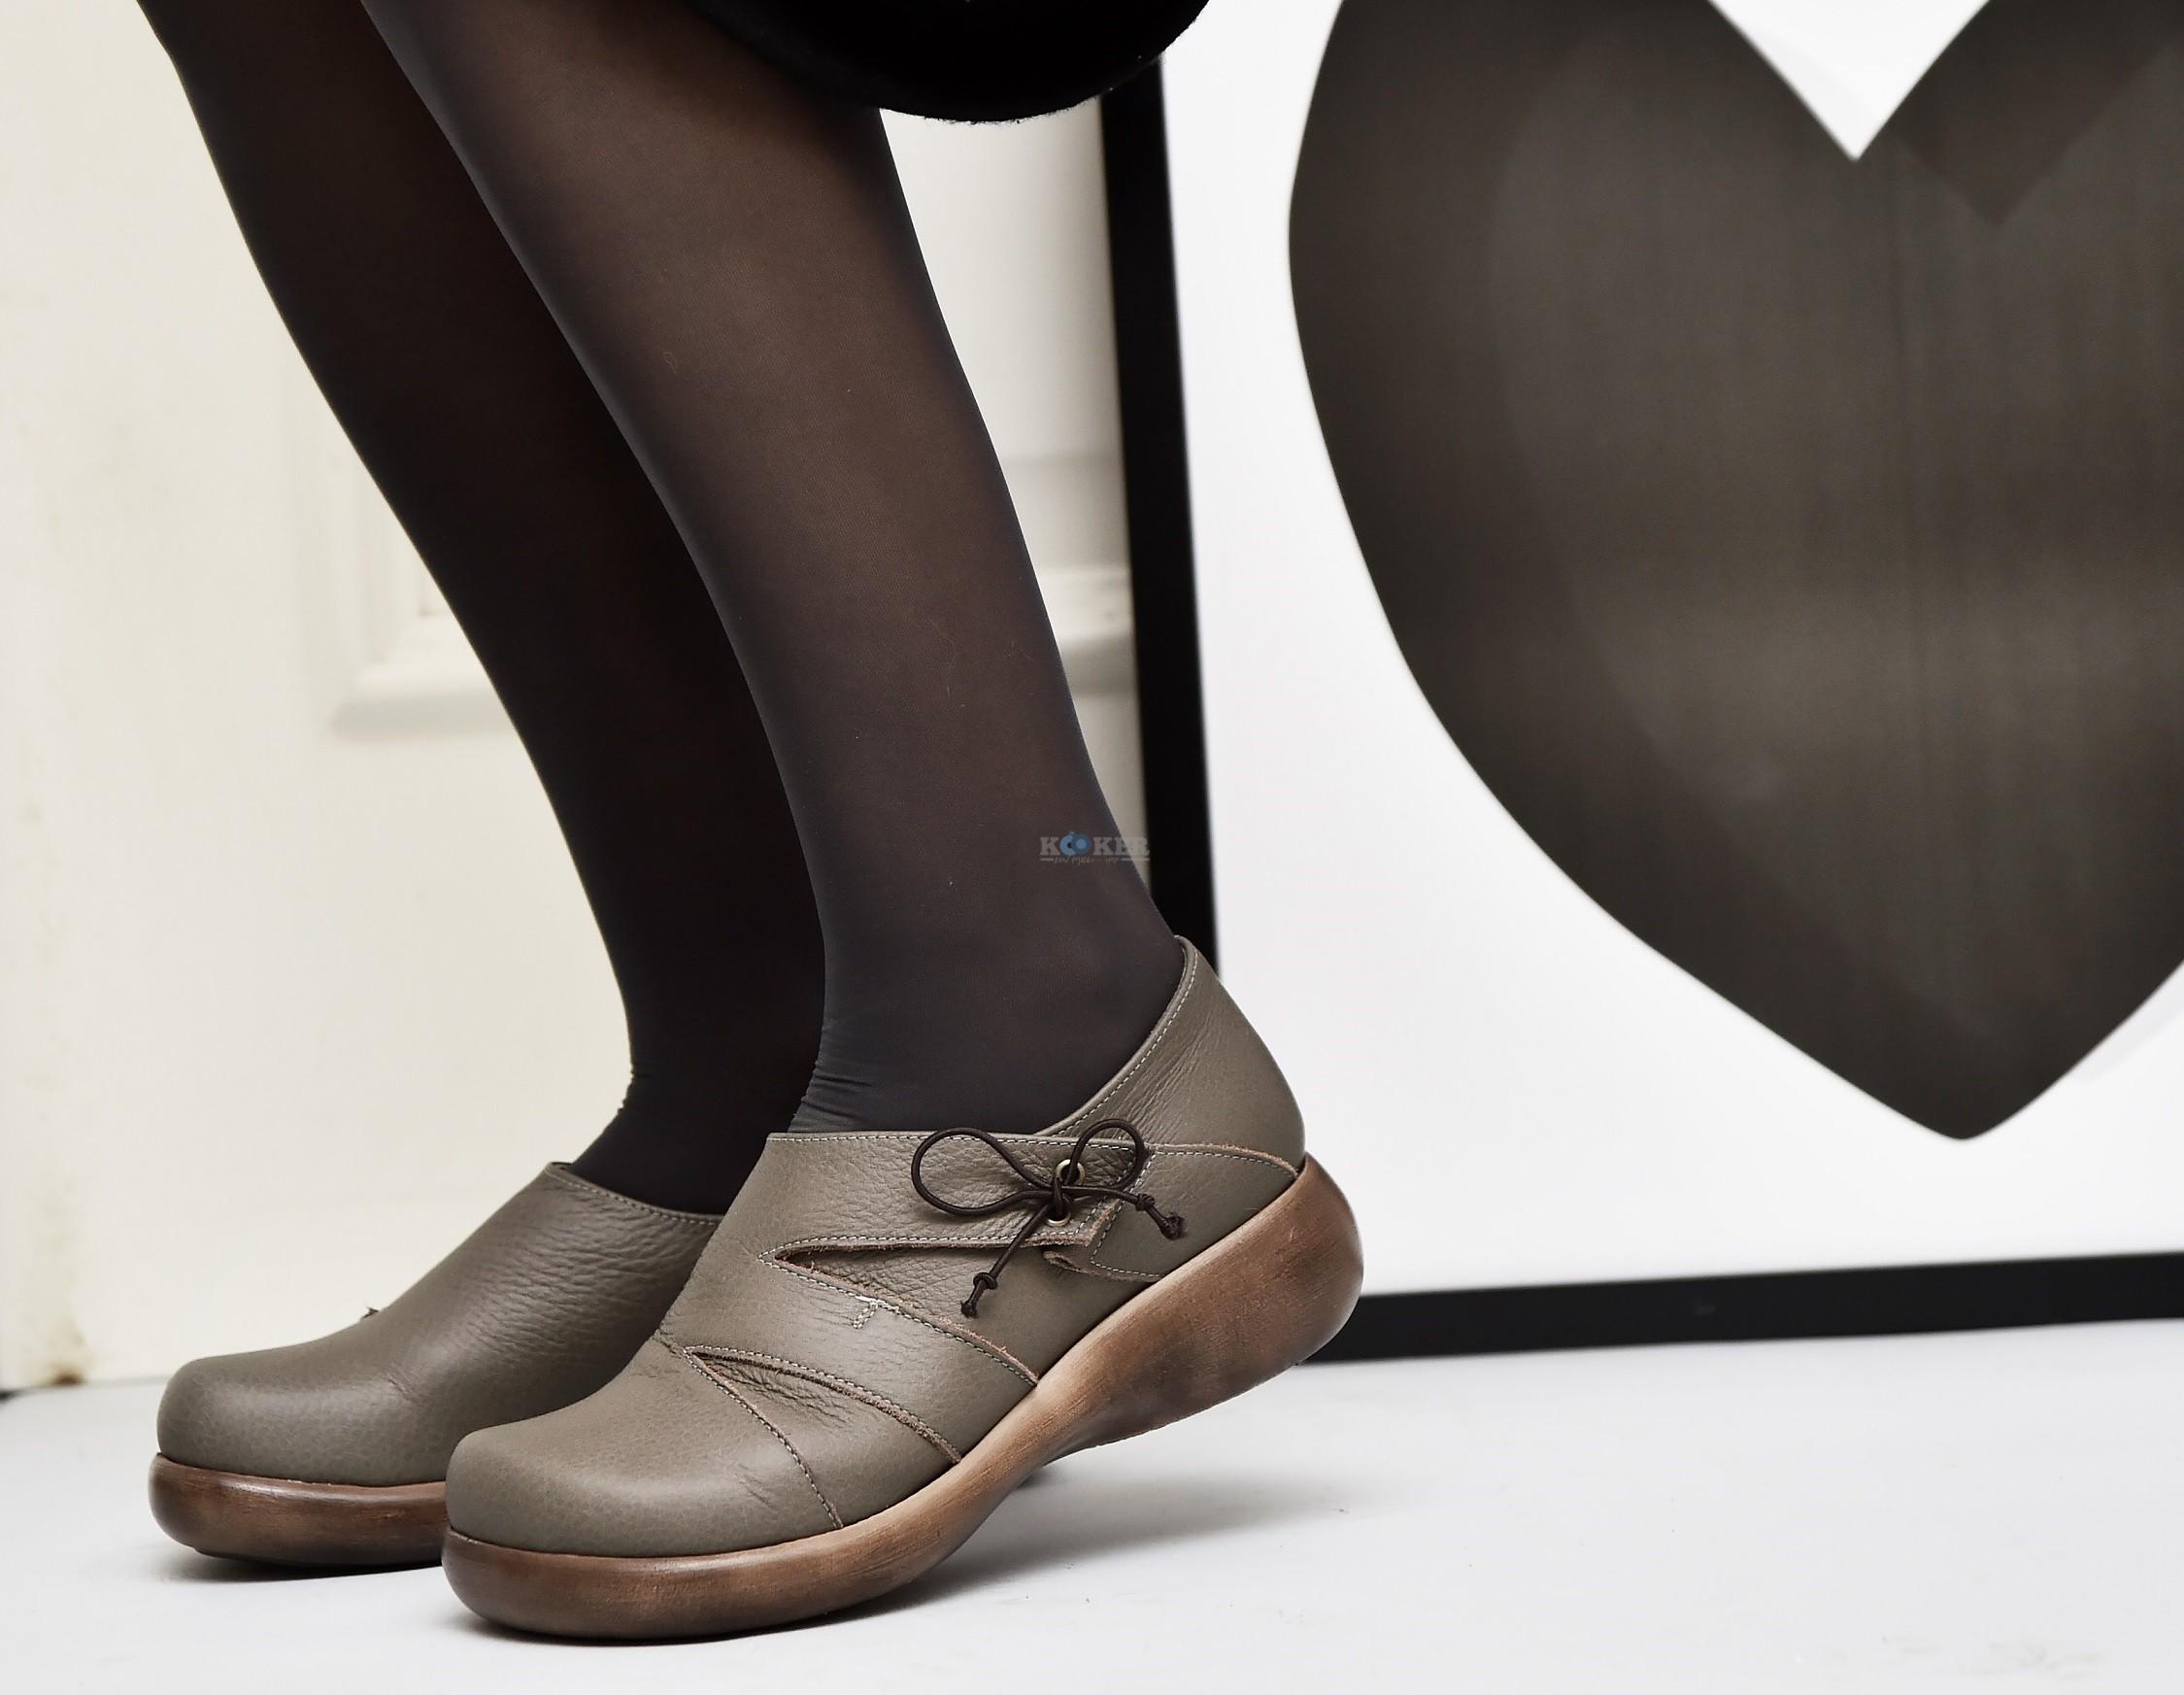 מותג נעלי בן ישי חורף 2016 להשיג ברשת נעלי בי יוניק צילום איתן טל (7)